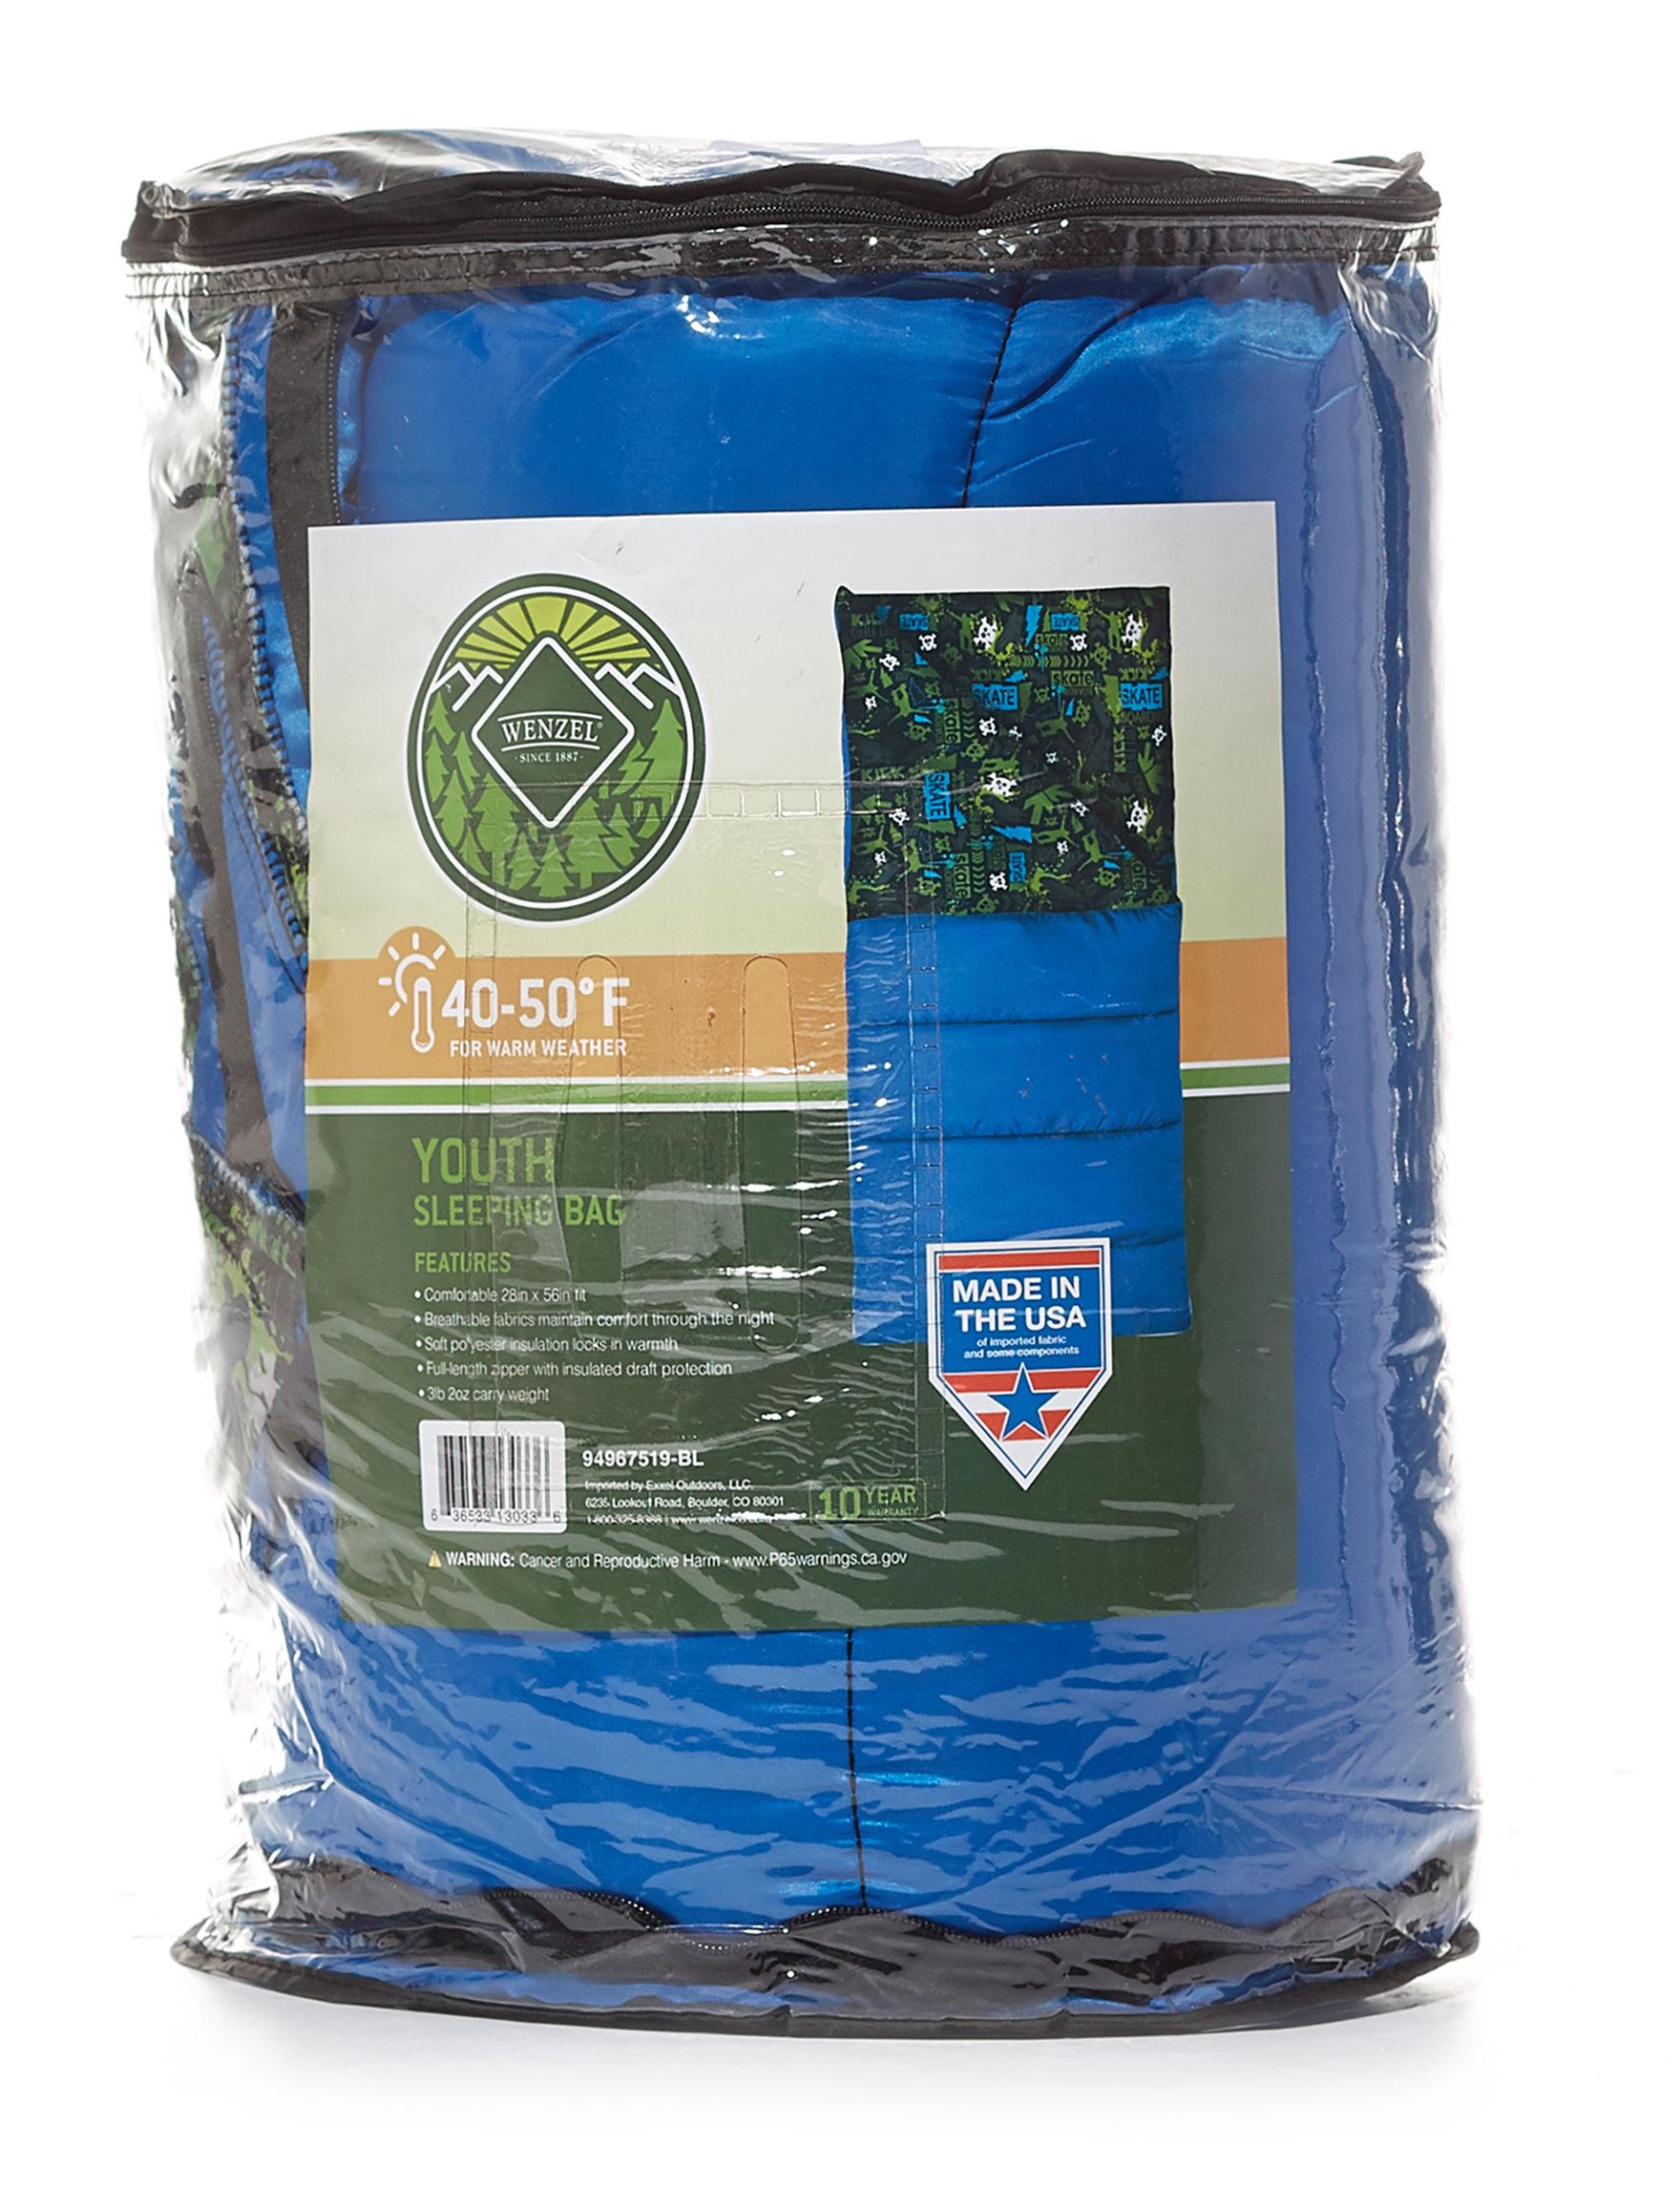 Wenzel Black / Green Sleeping Bags & Mats Camping & Outdoor Gear